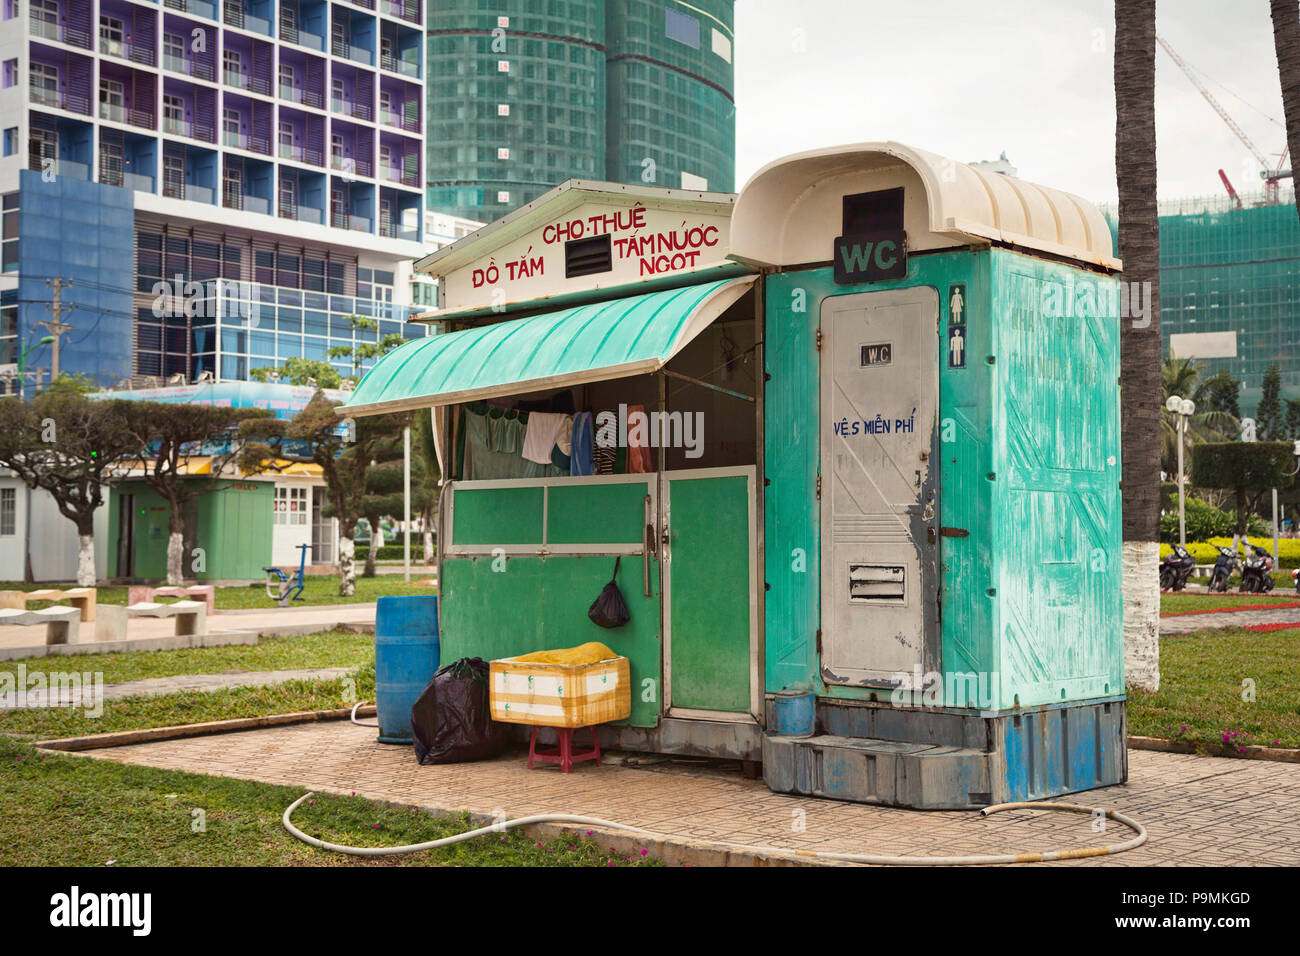 toilettes et douche extérieure cabine en plastique sur une plage. wc